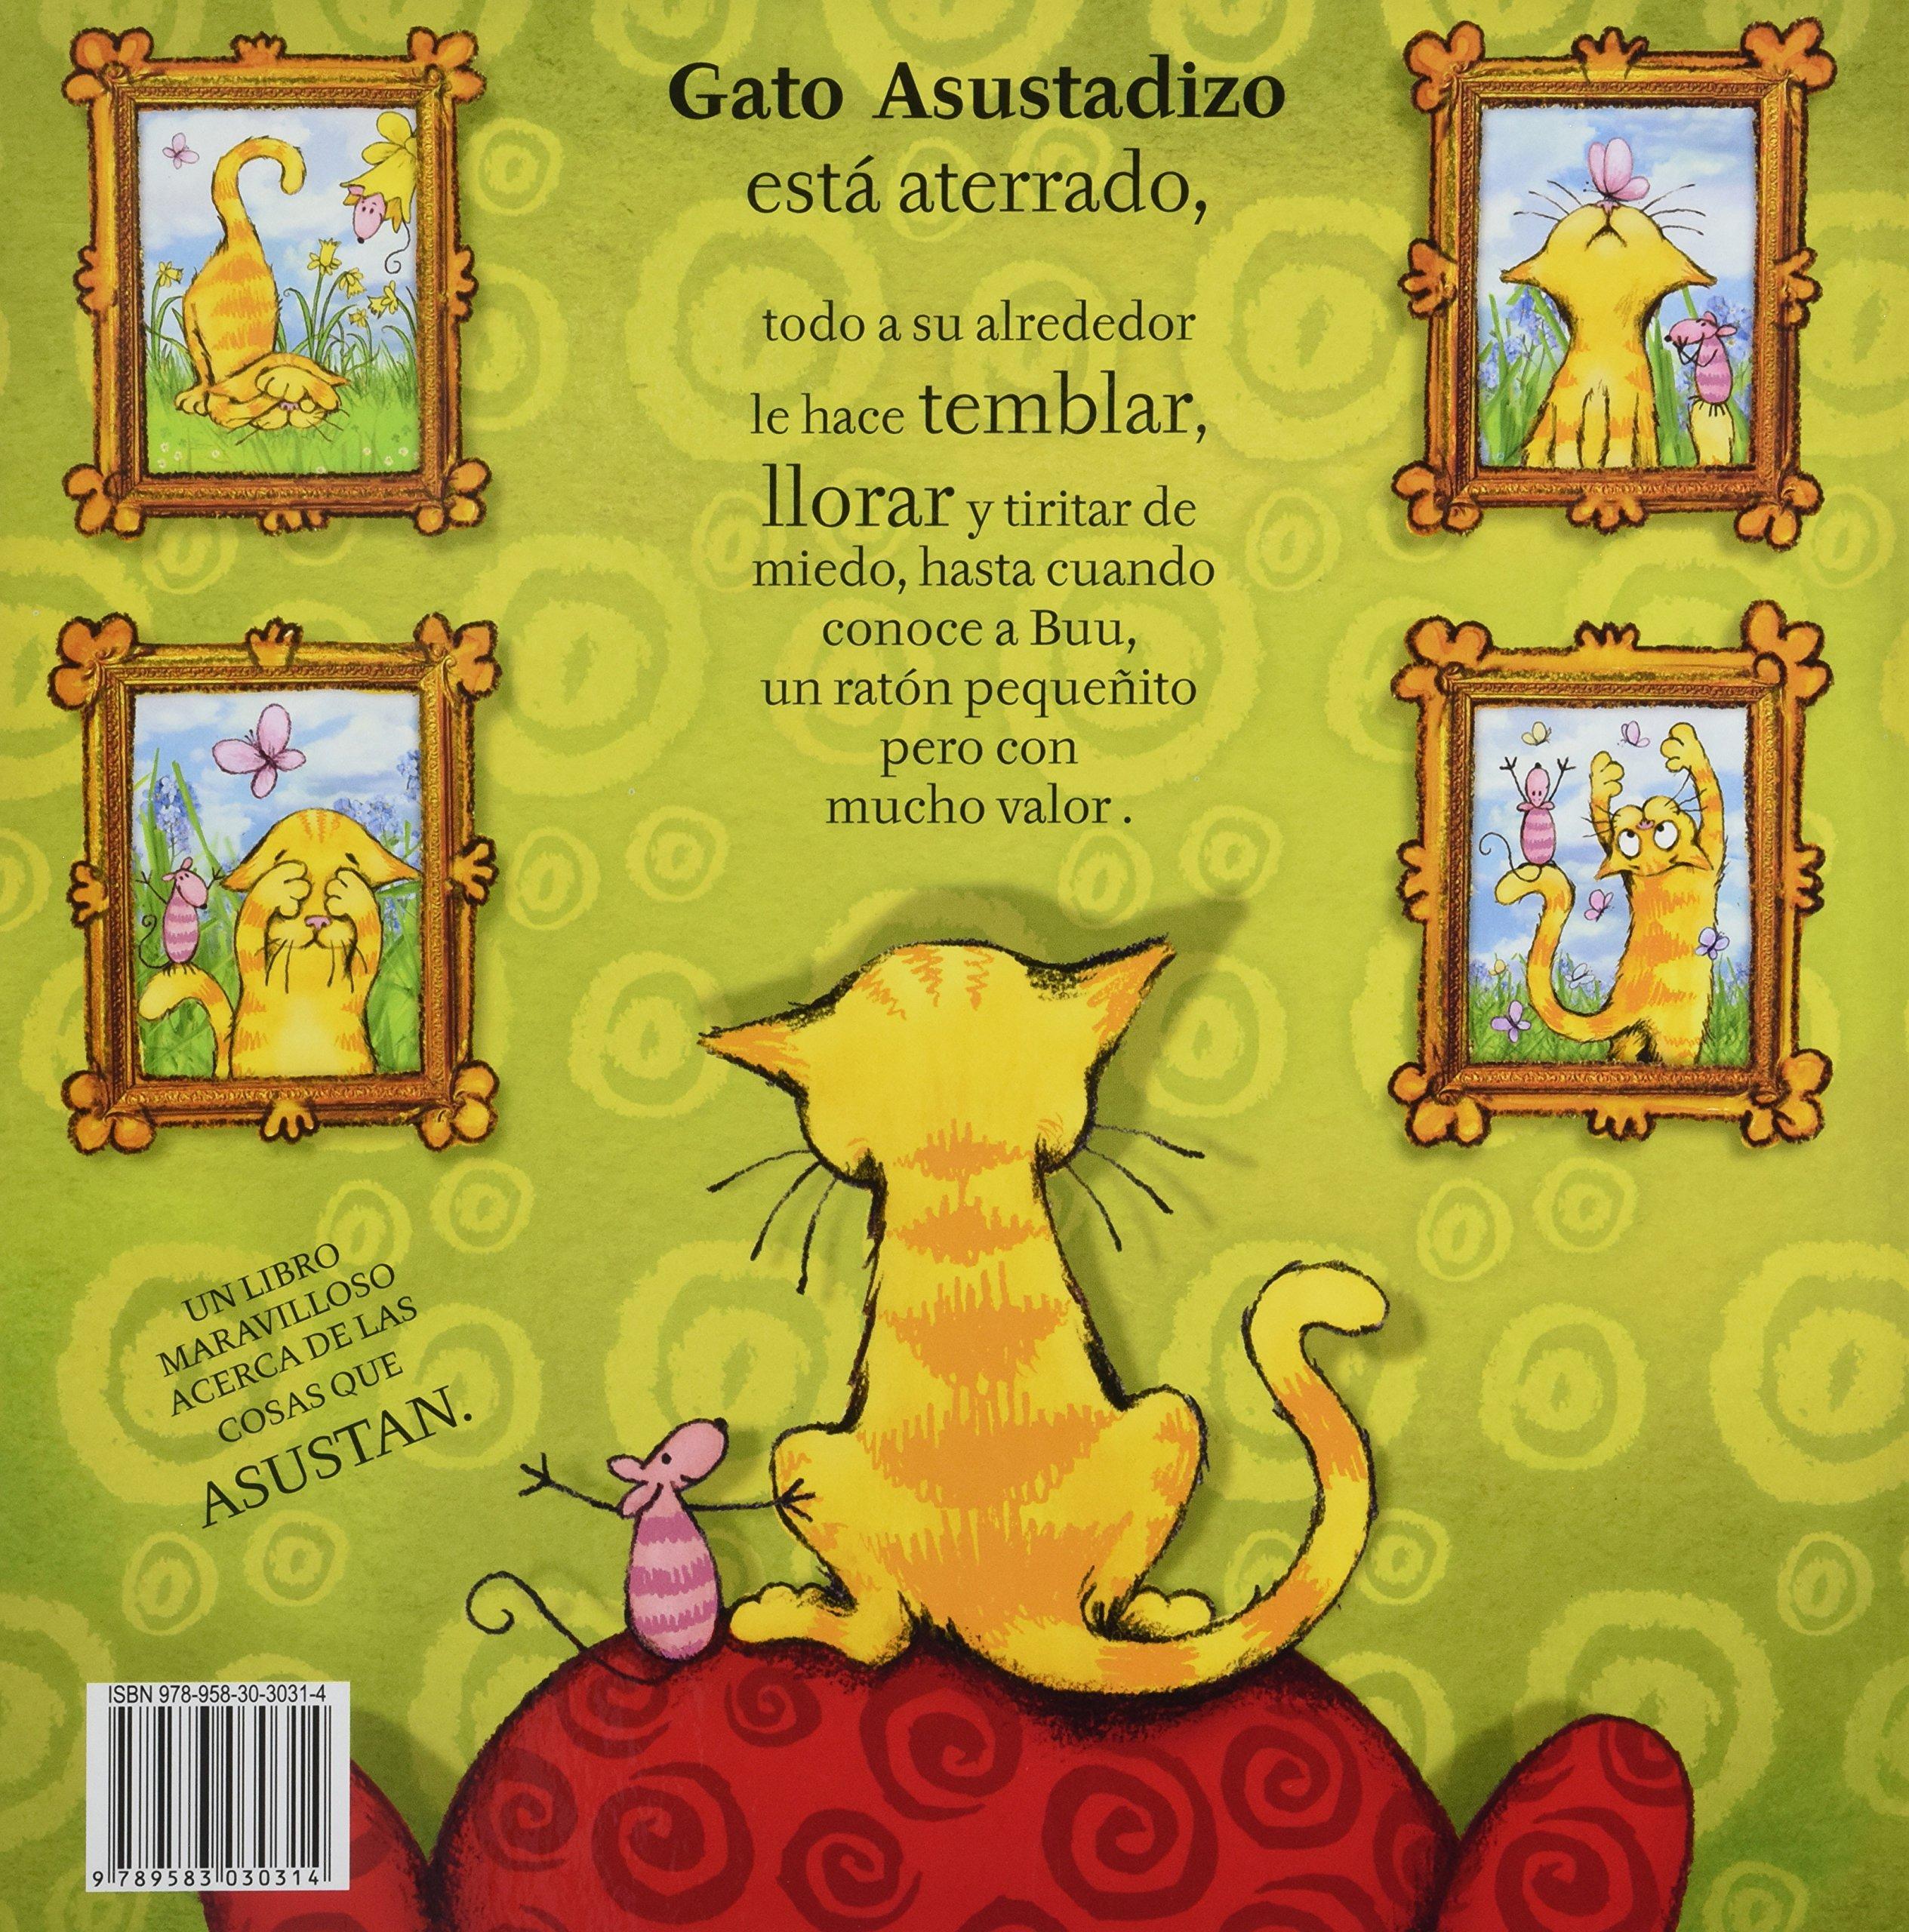 Gato Asustadizo Y Buu / Scaredy Cat and Boo (Spanish Edition): Michael Broad: 9789583030314: Amazon.com: Books